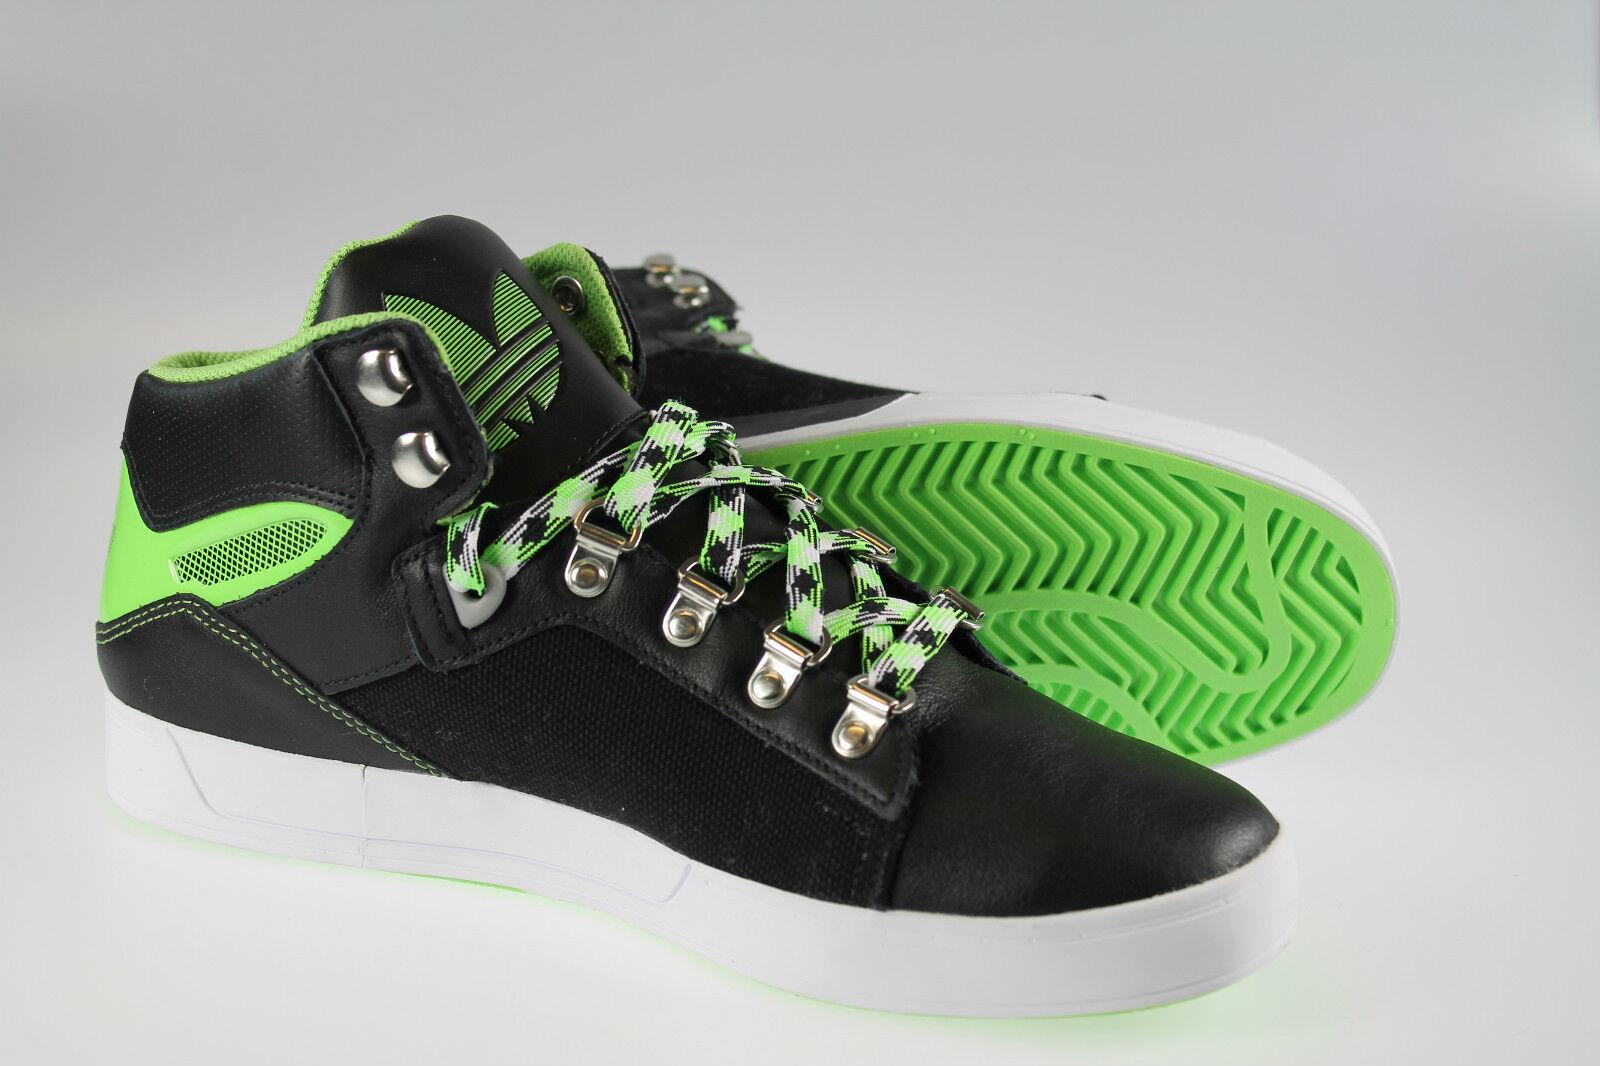 Adidas actitud Vulc WEST Zapatillas v22692 Hombre GB Tallas 6.510.5 v22692 Zapatillas 239c64